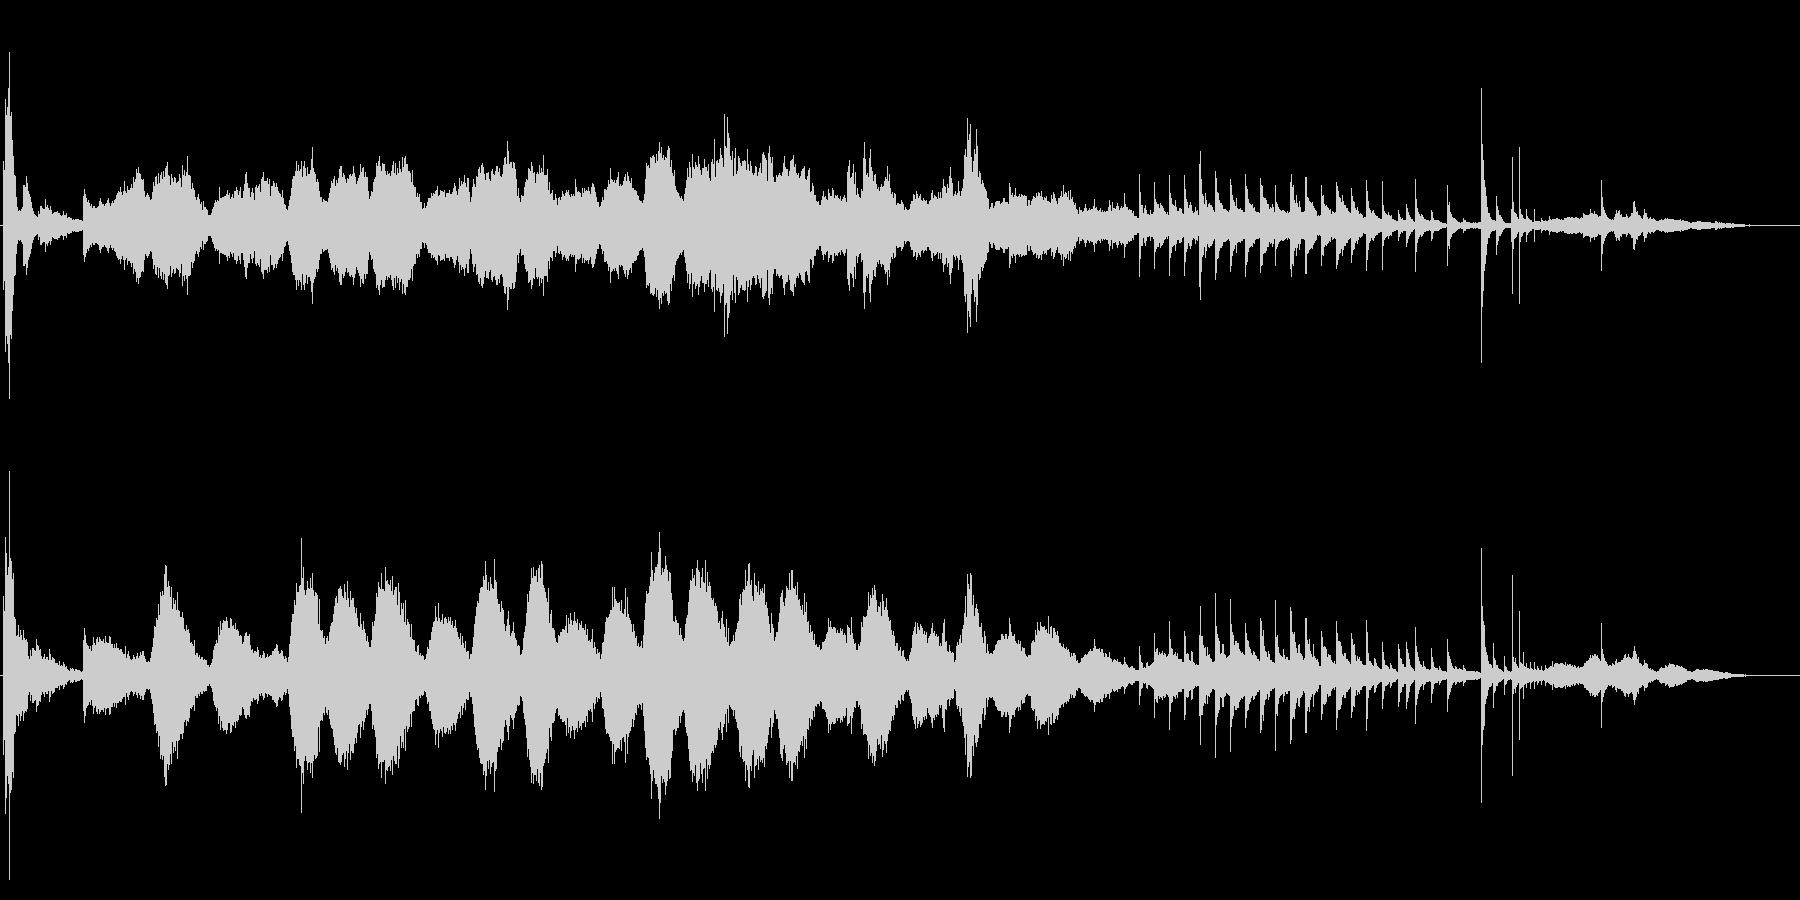 シンセサイザー主体の怪しいBGMの未再生の波形